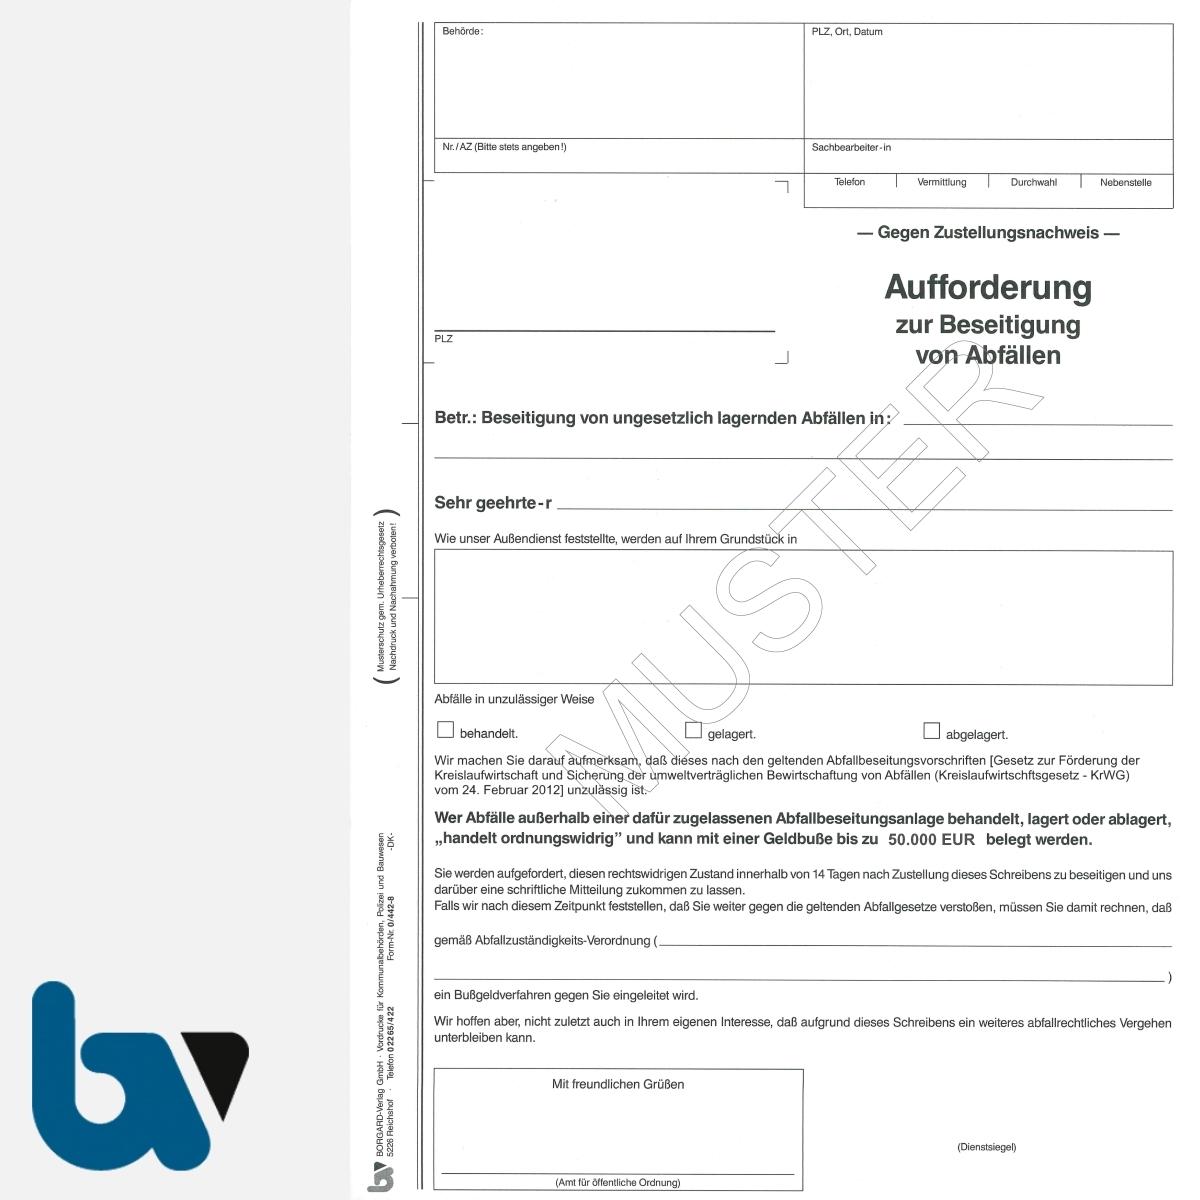 0/442-8 Aufforderung Beseitigung Abfälle Abfall Kreislaufwirtschaftsgesetz KrWG selbstdurchschreibend DIN A4 3-fach | Borgard Verlag GmbH